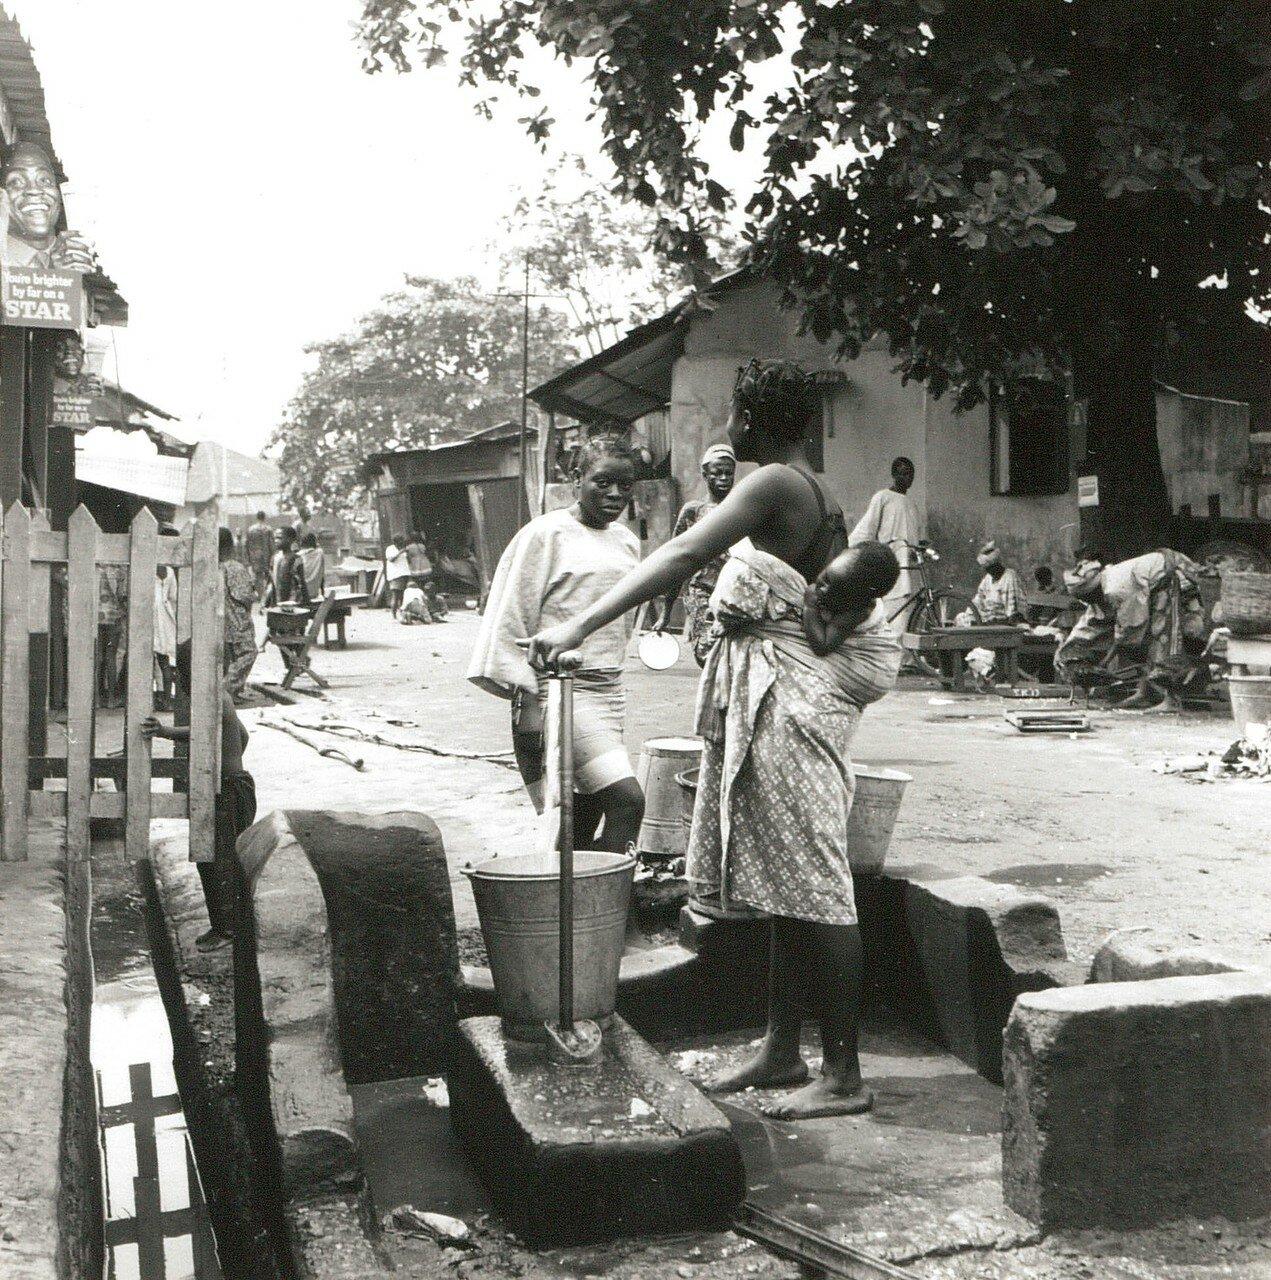 Городские окраины. Нигерийские женщины у водонапорной колонки